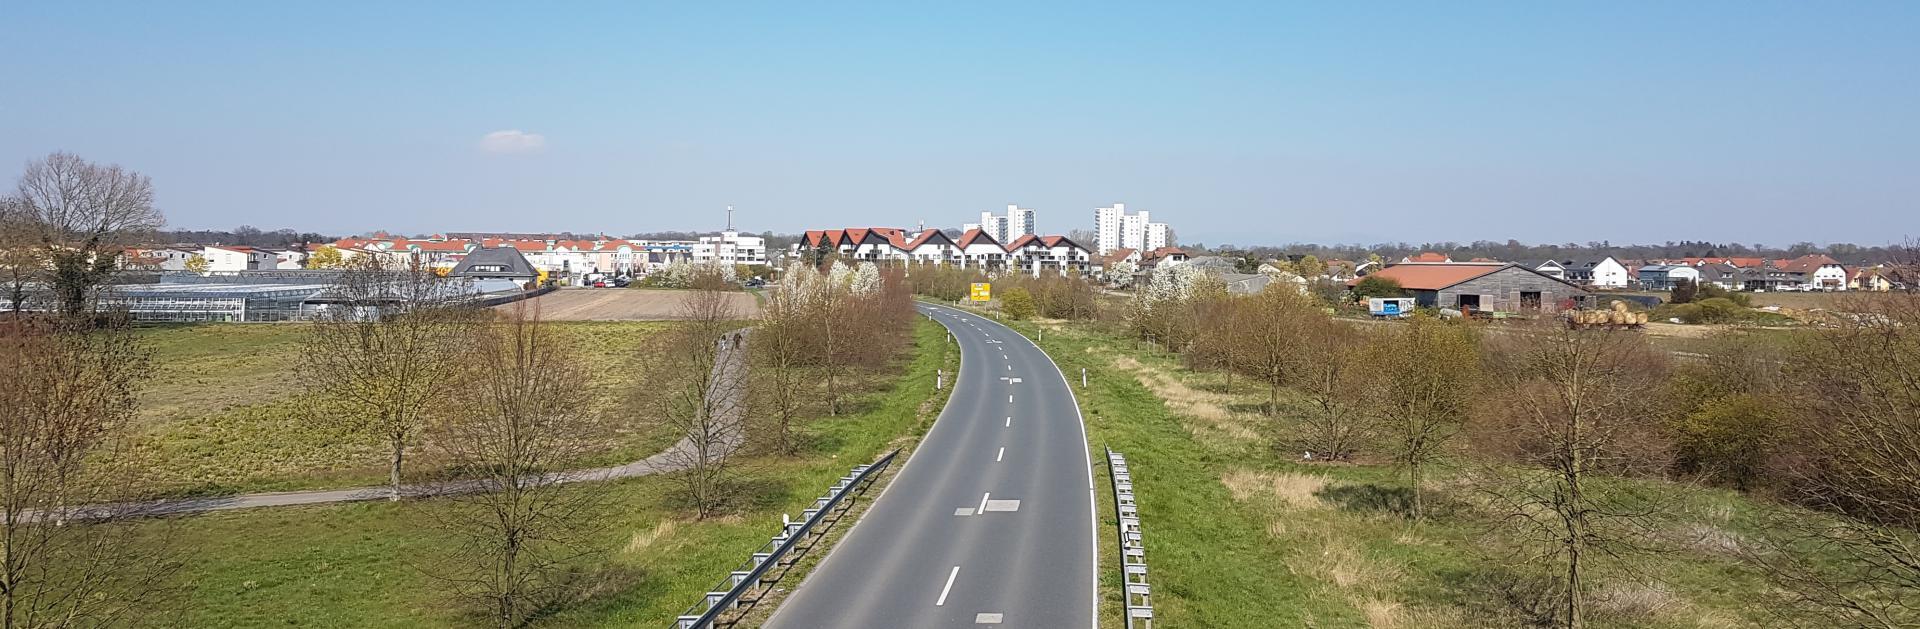 Header-Bild: Panorama-Ansicht Nauheim aus Sicher der Ostumgehungsstraße